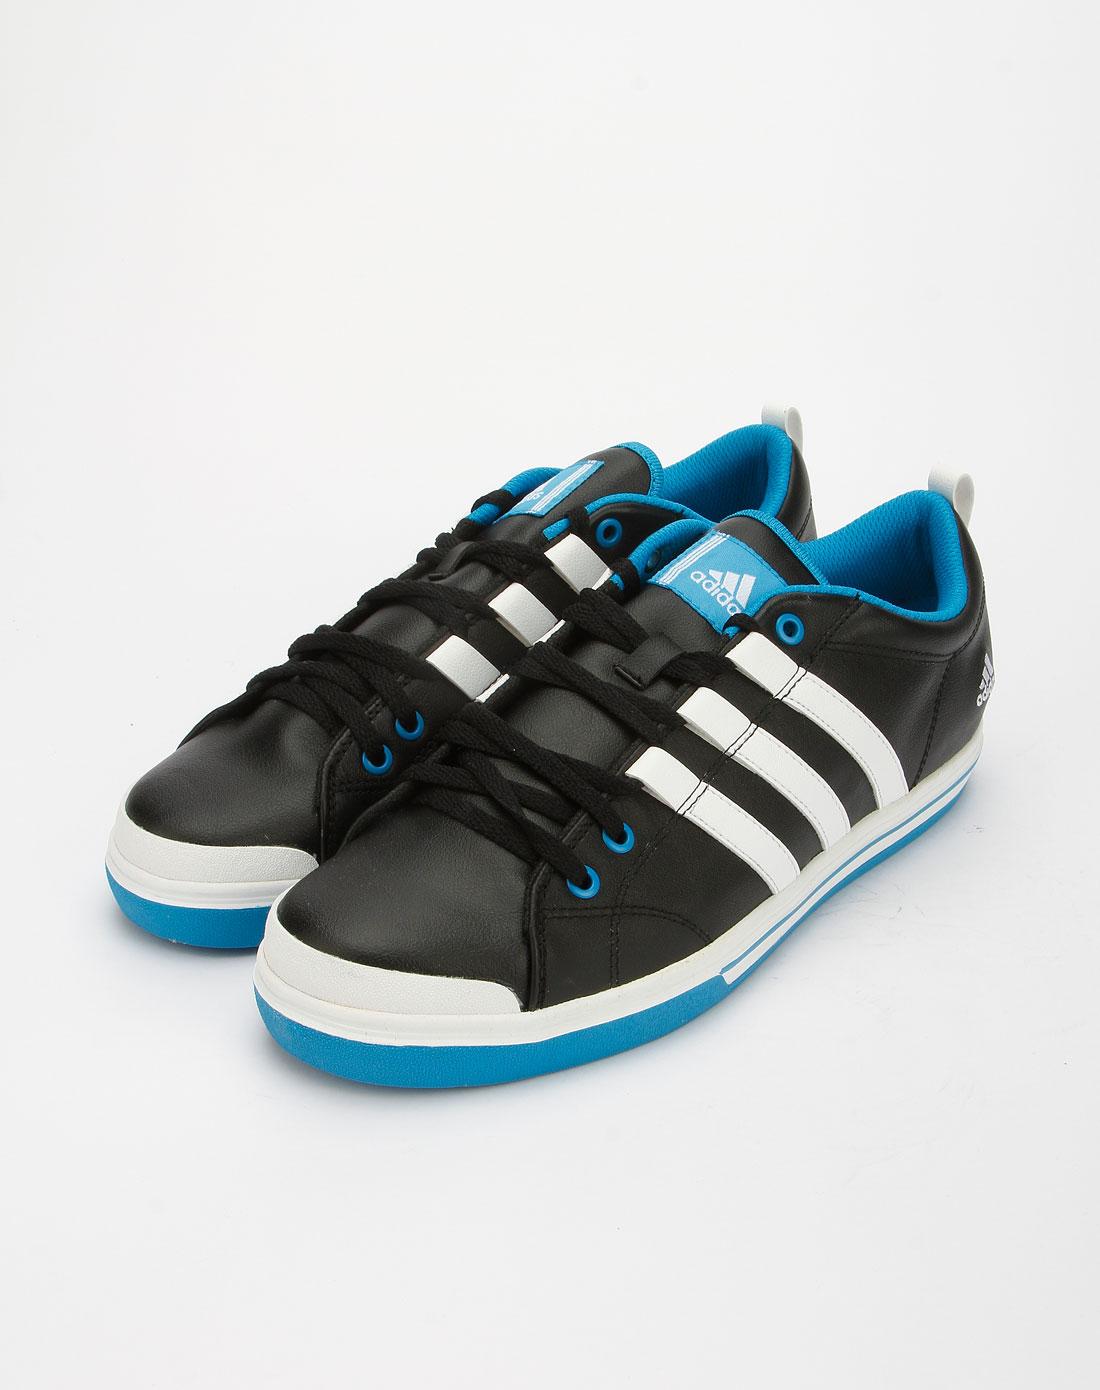 阿迪达斯adidas黑白蓝色运动鞋g46868